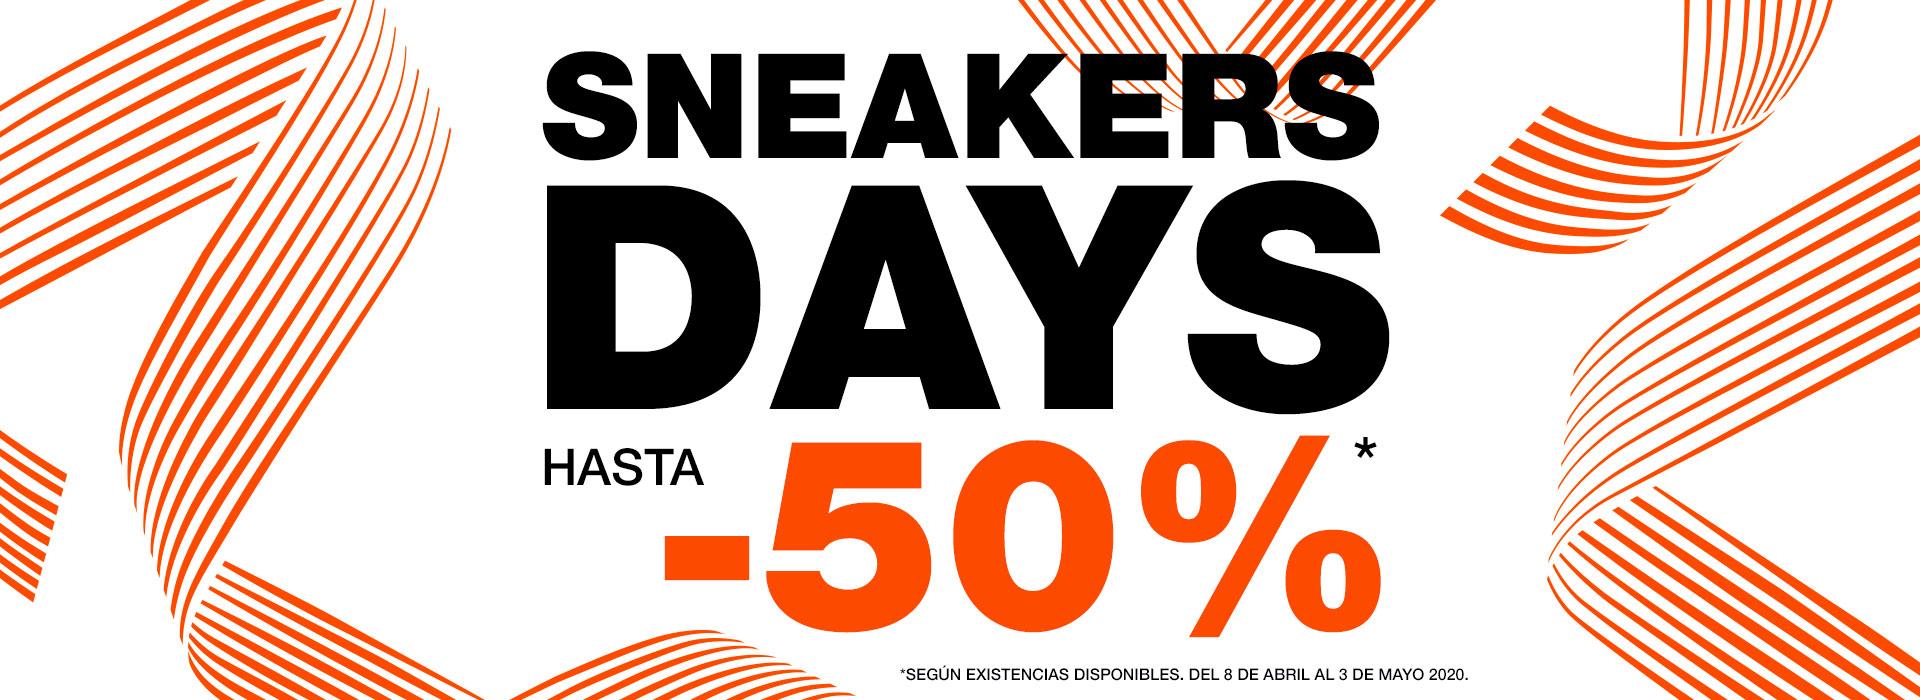 Sneaker days Hasta 50%